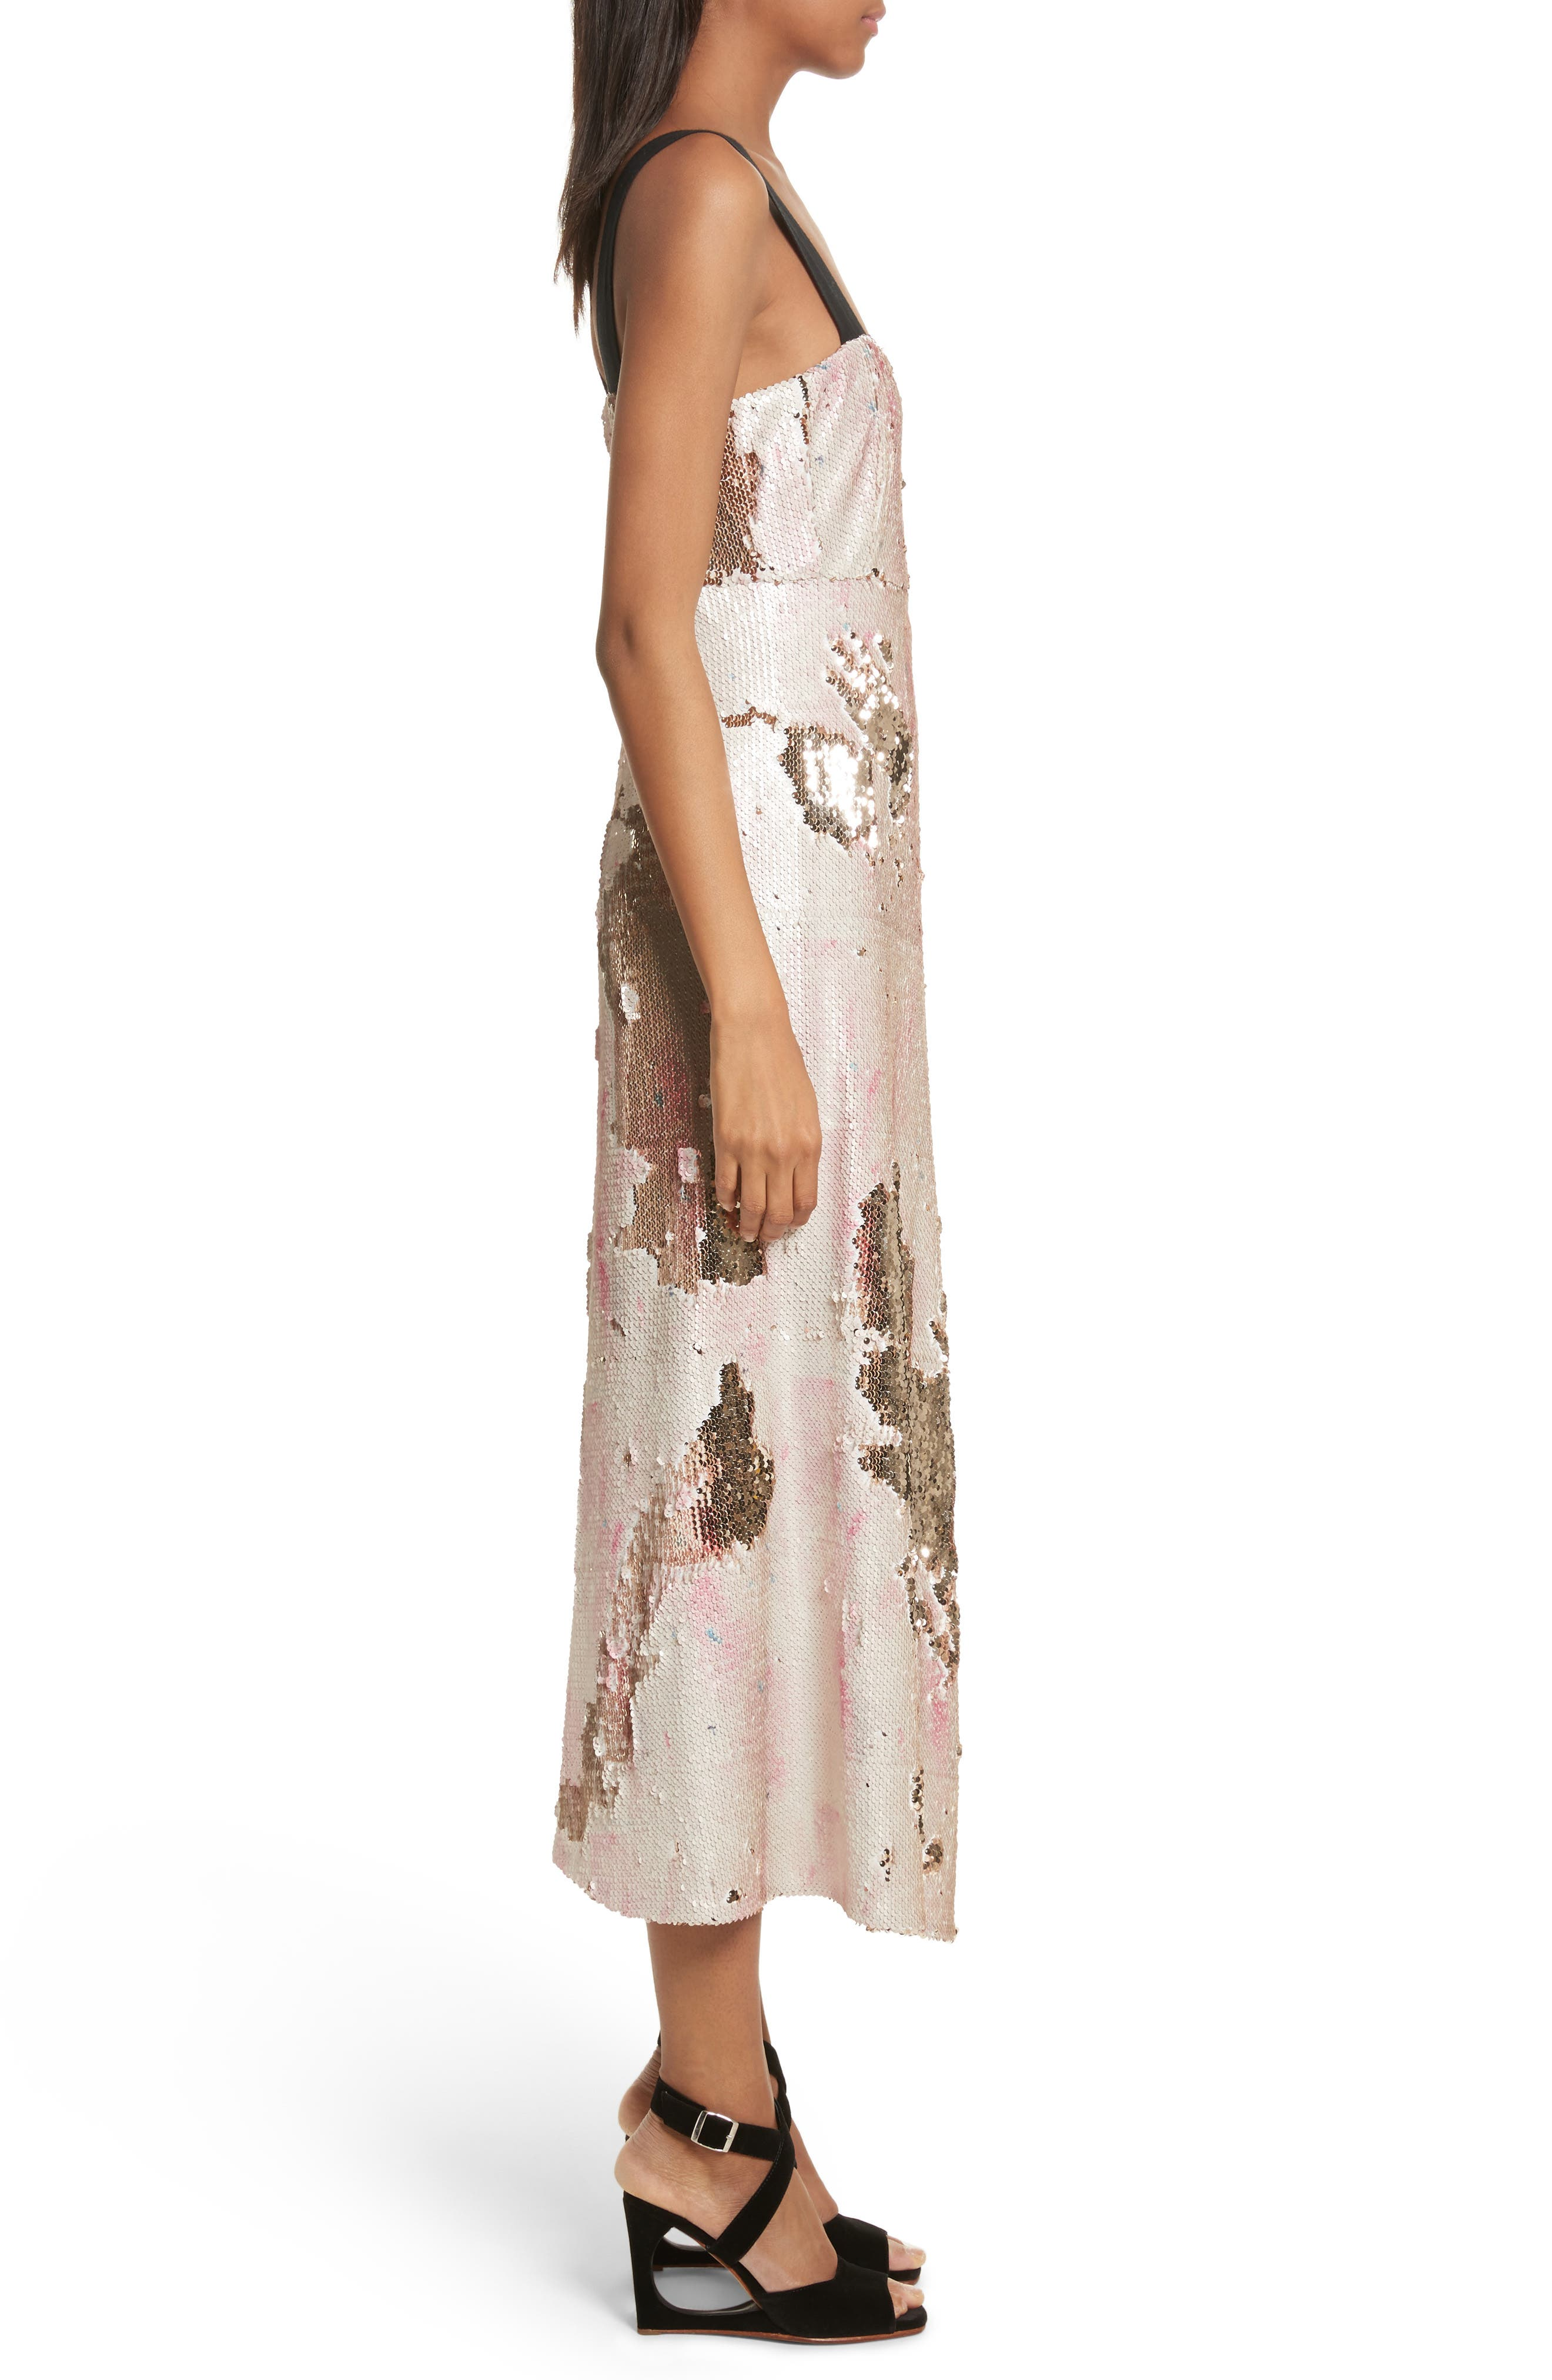 Slacken Sequined Dress,                             Alternate thumbnail 3, color,                             658